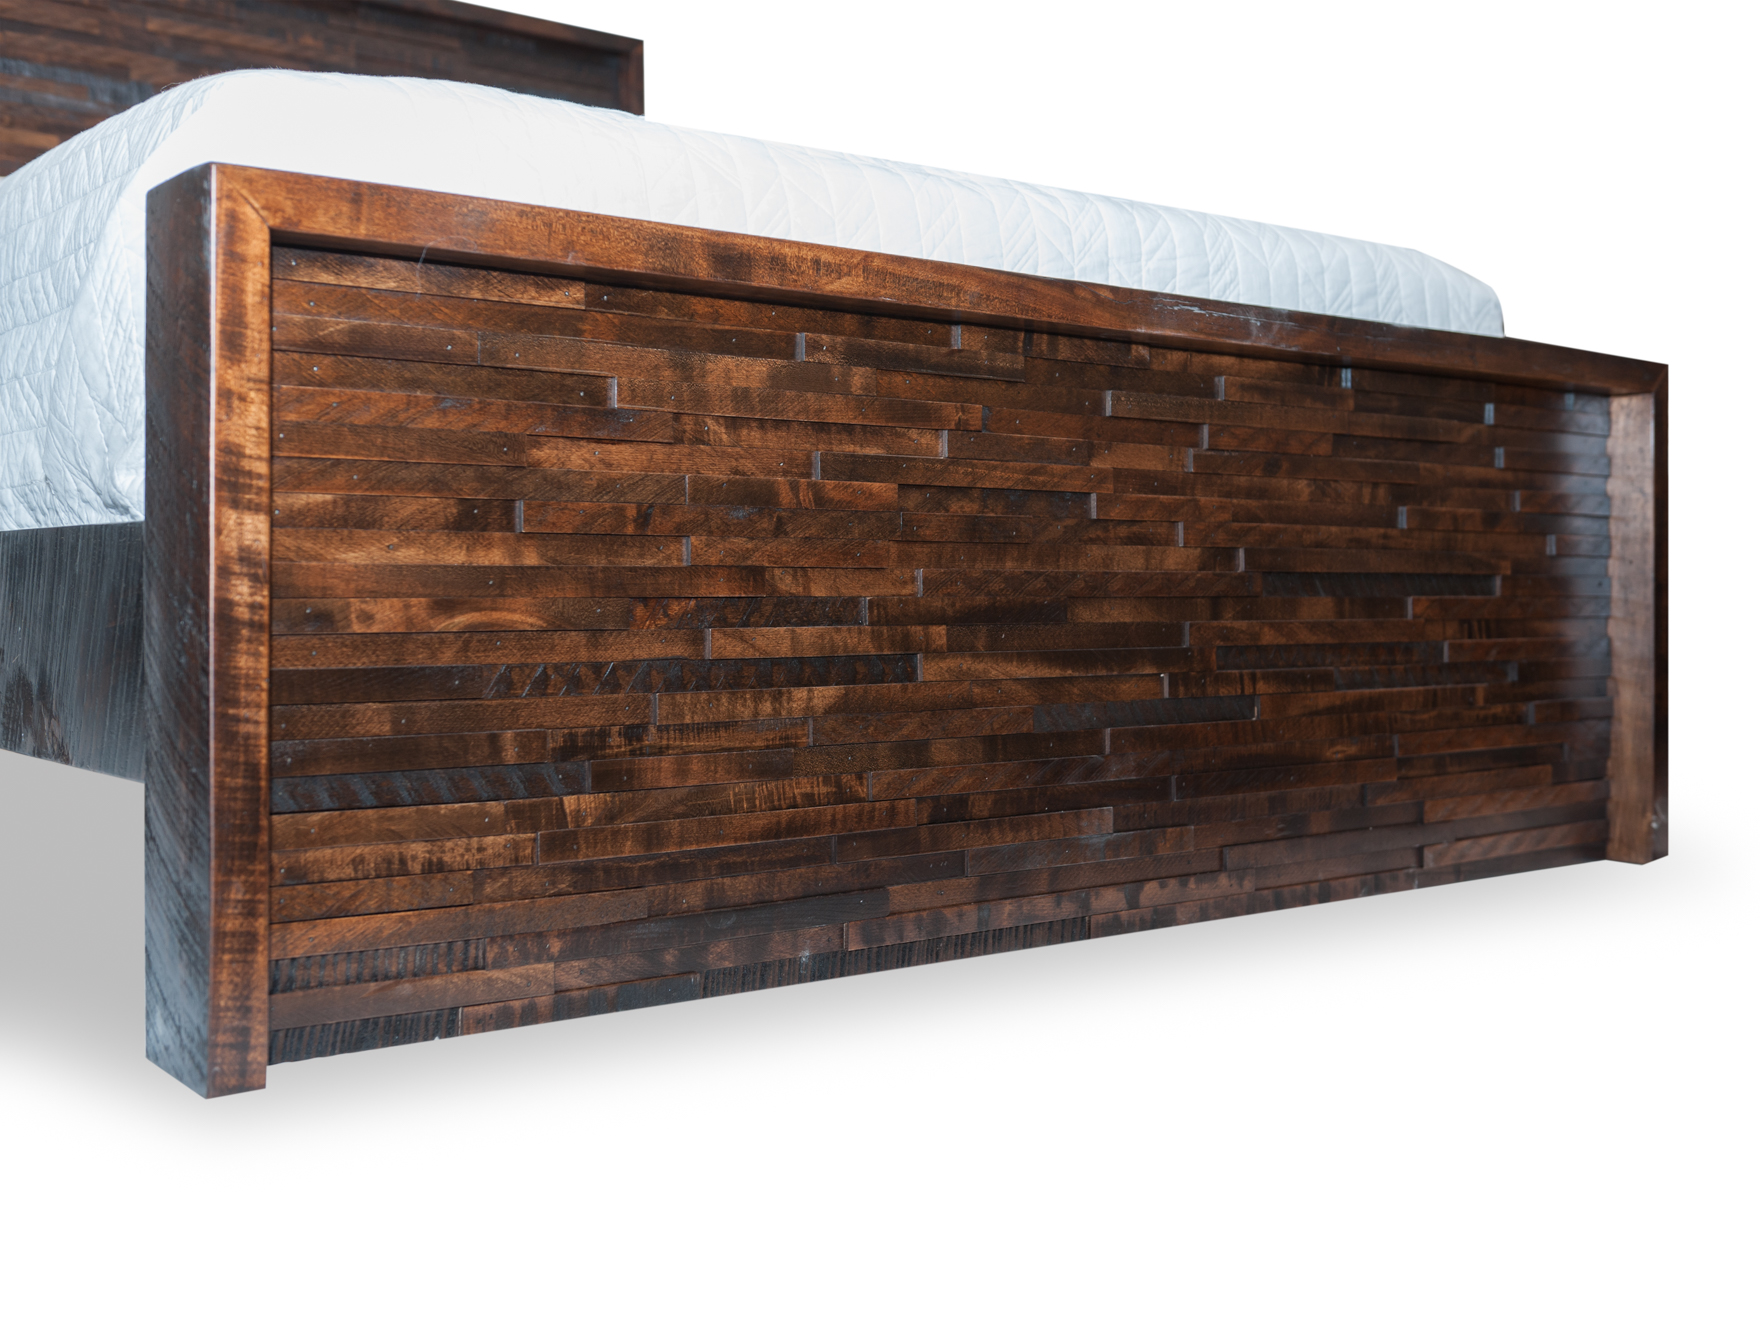 009_Woodcraft_Furniture_GreatLakesQueenBed_FrtQtrC-3.jpg